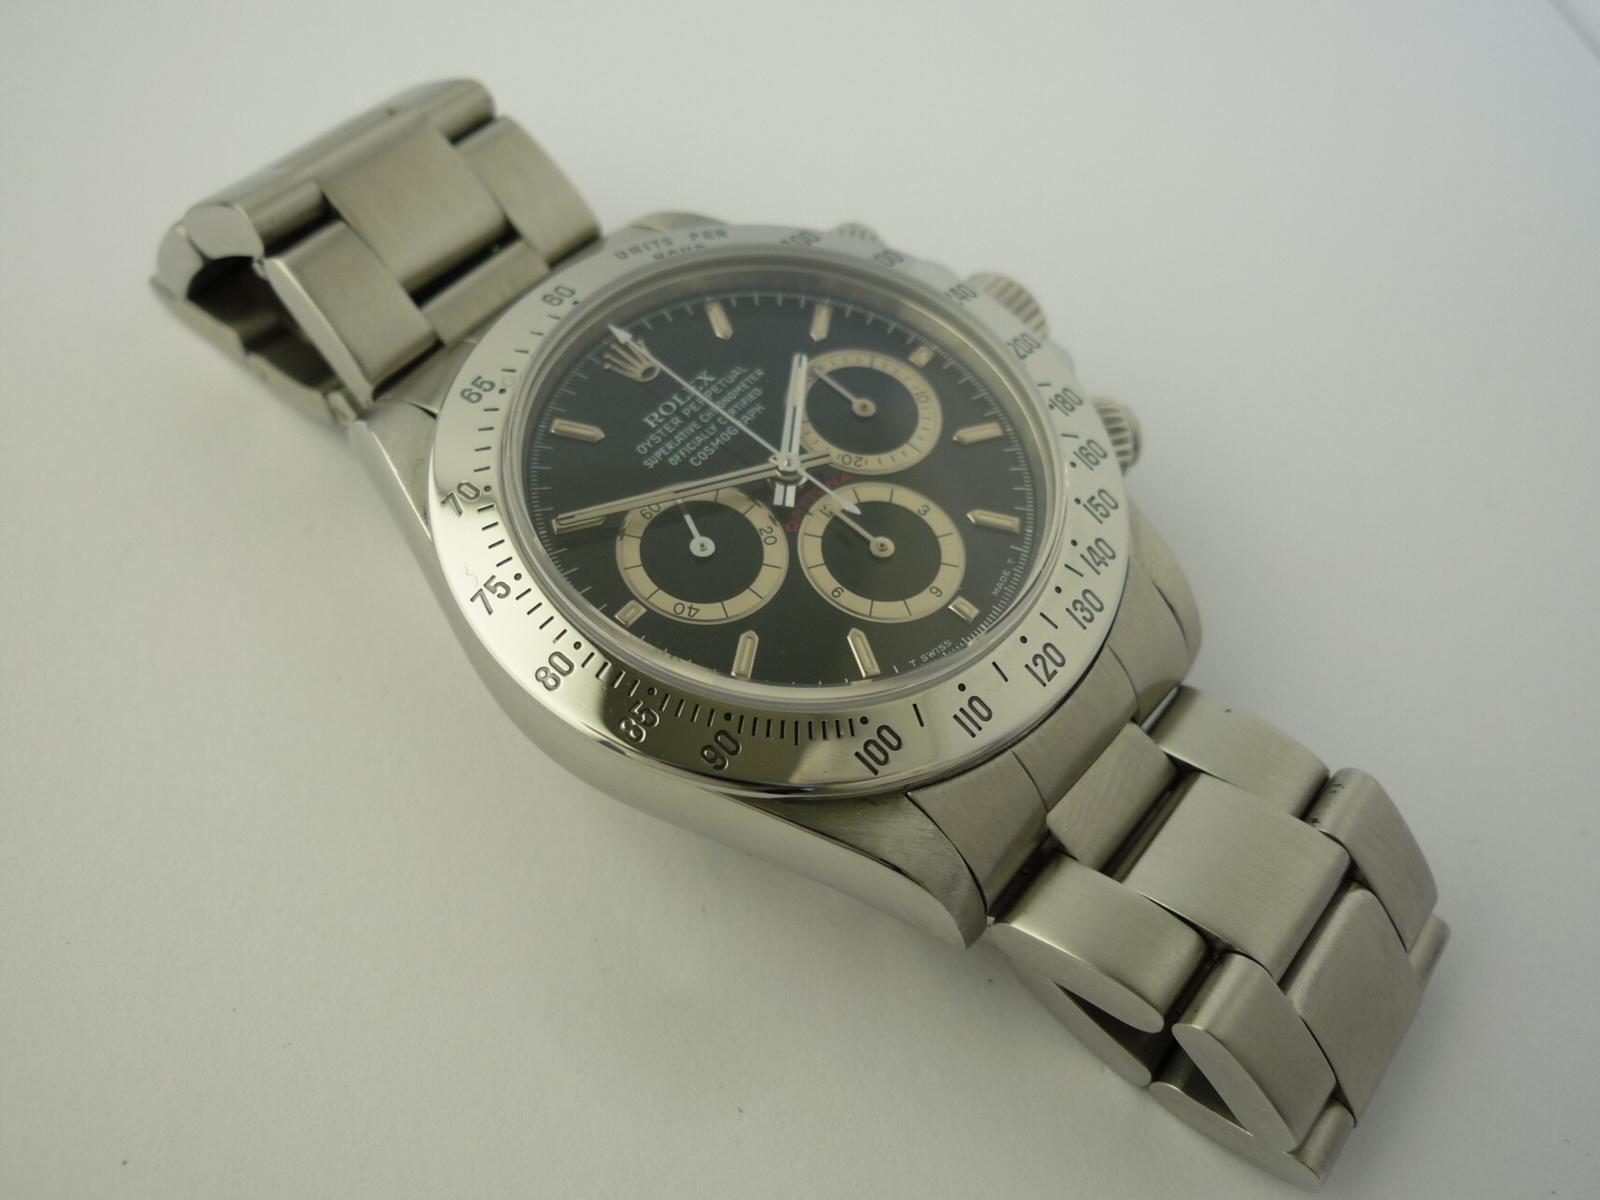 Rolex Daytona zenith ref 16520 watch (1996)